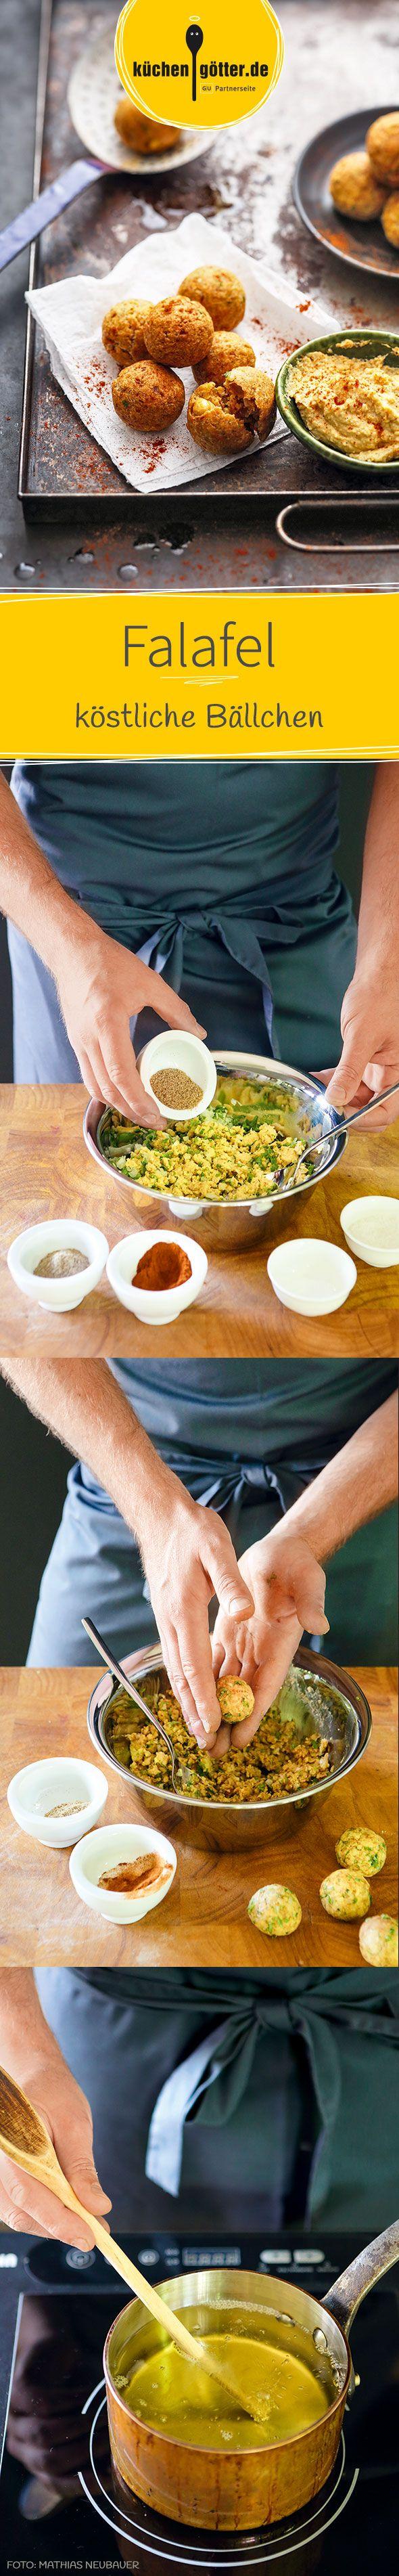 Ihr kennt die frittierten Bällchen nur aus der Döner-Bude? Selbst gemacht schmecken sie viel besser - wie kleine Schätze aus dem Orient.